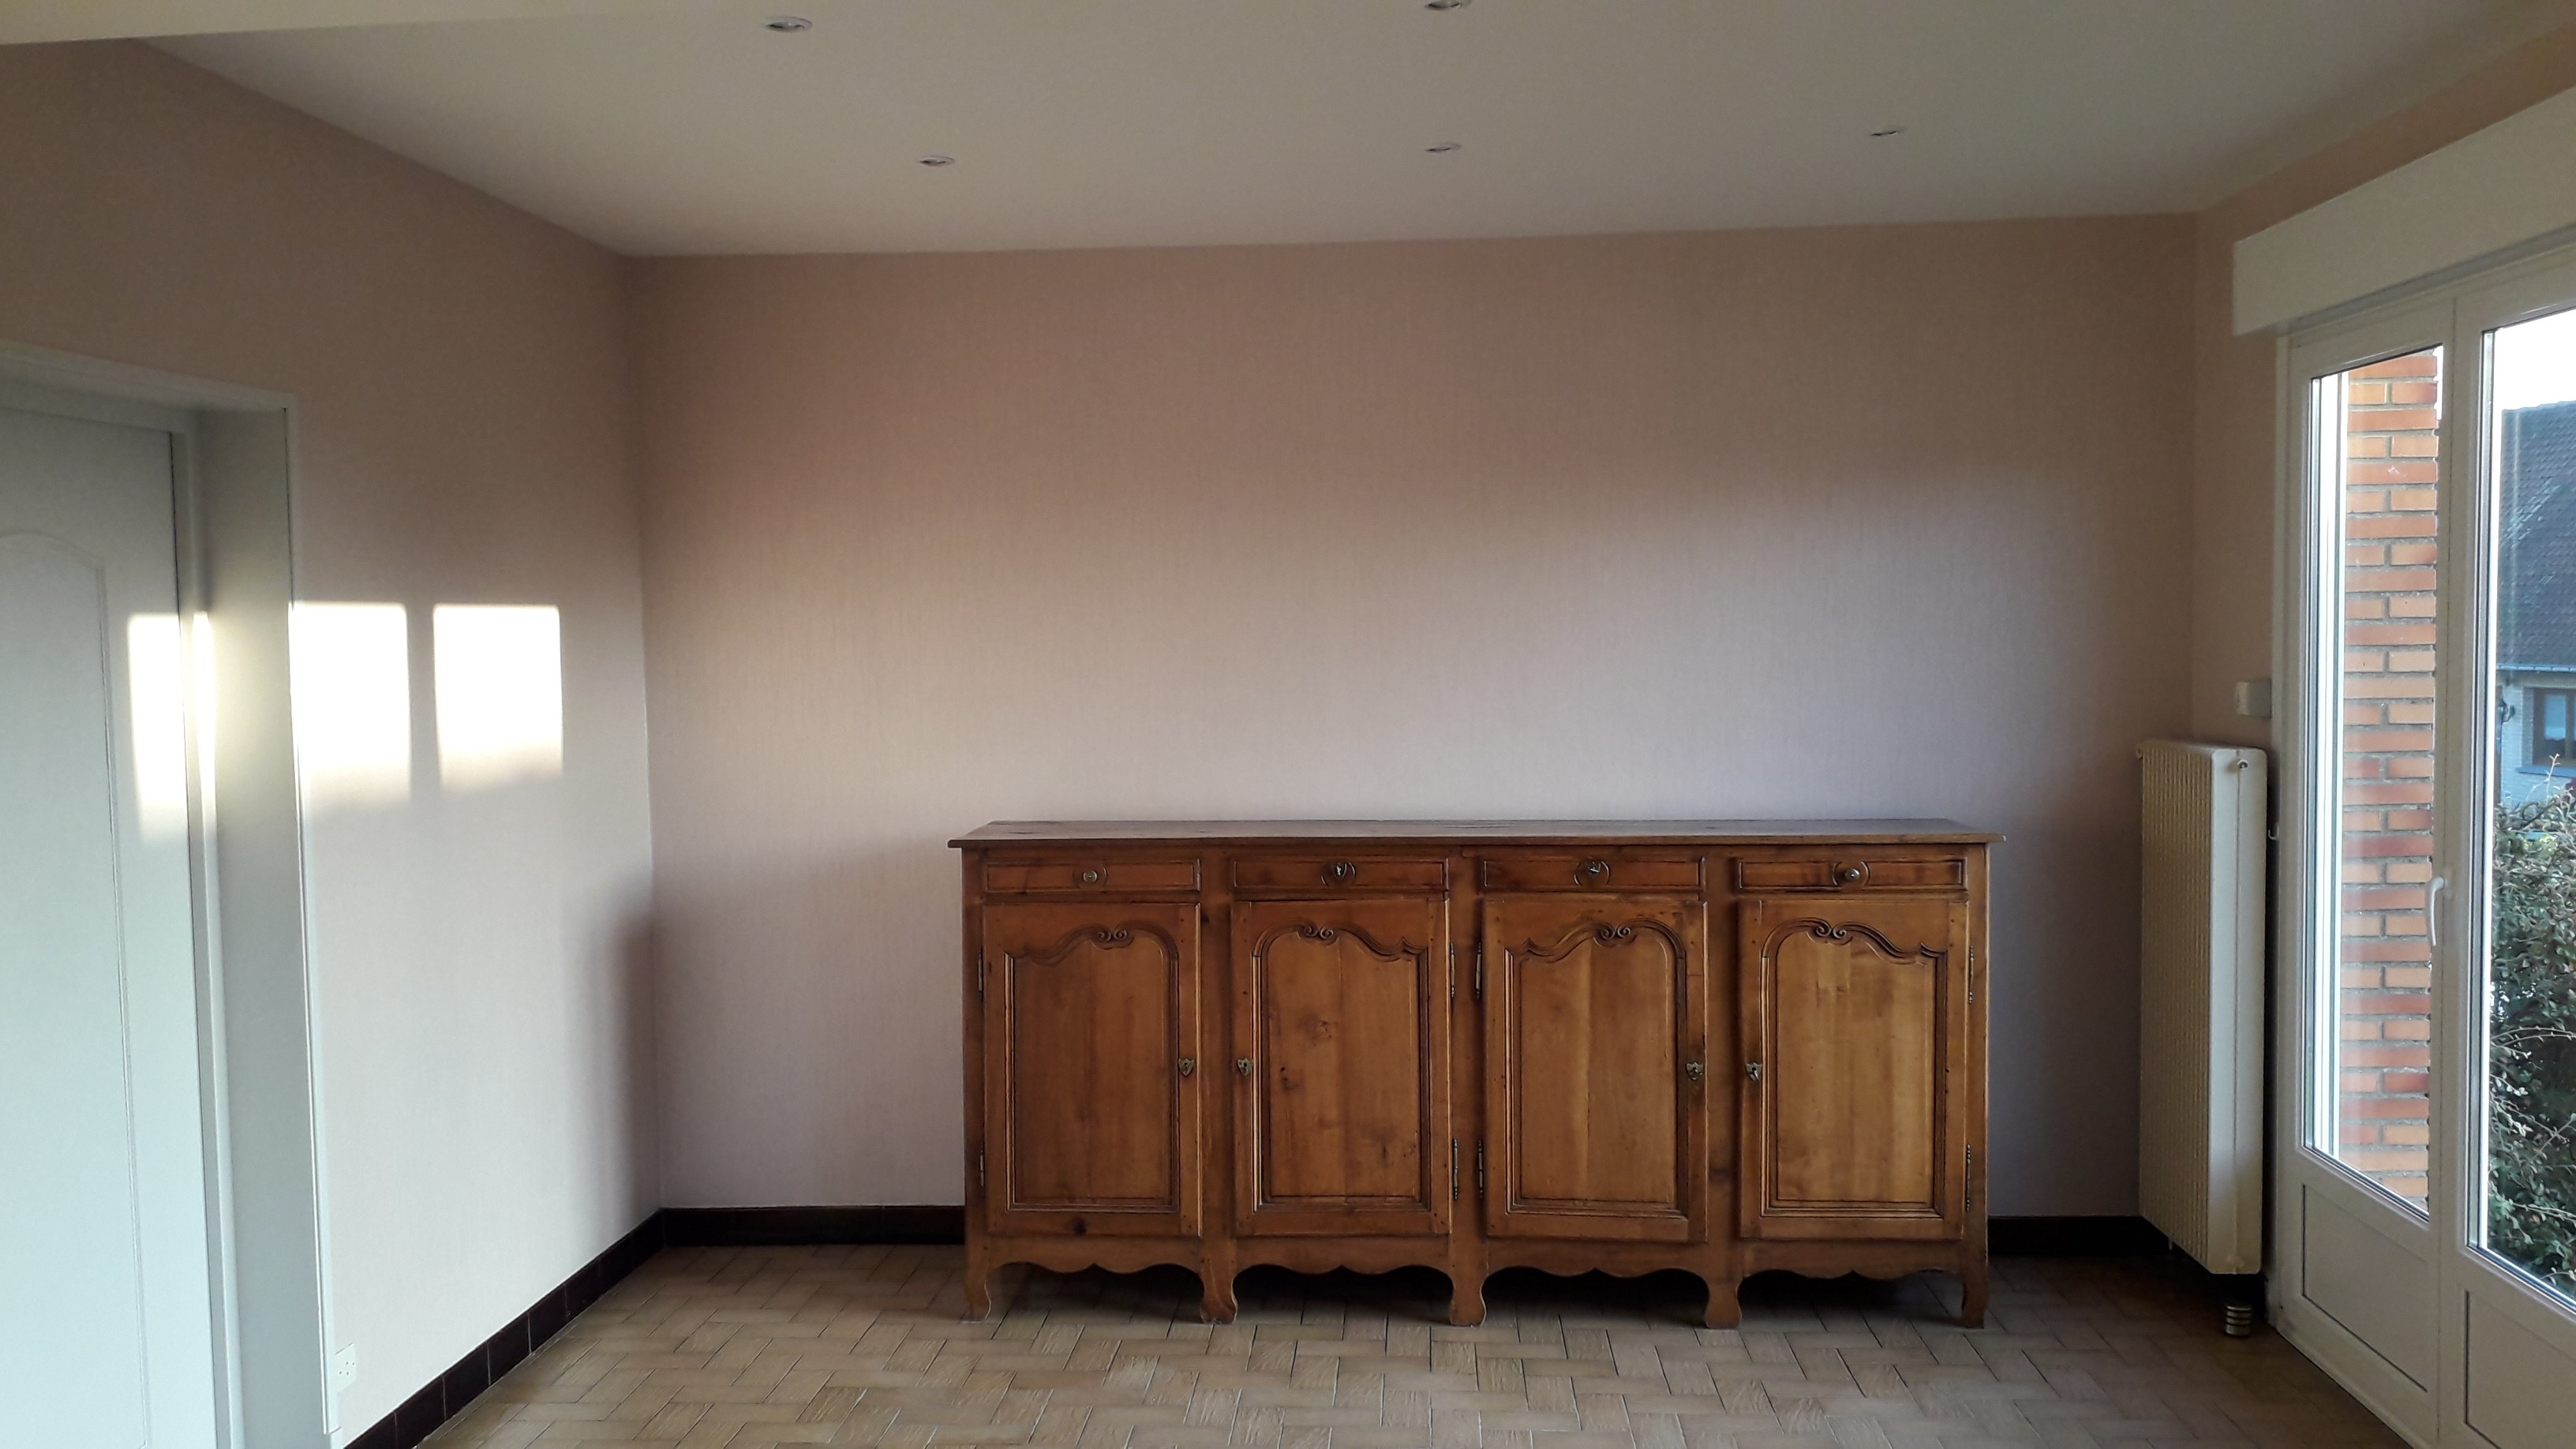 Rénovation et aménagement intérieur